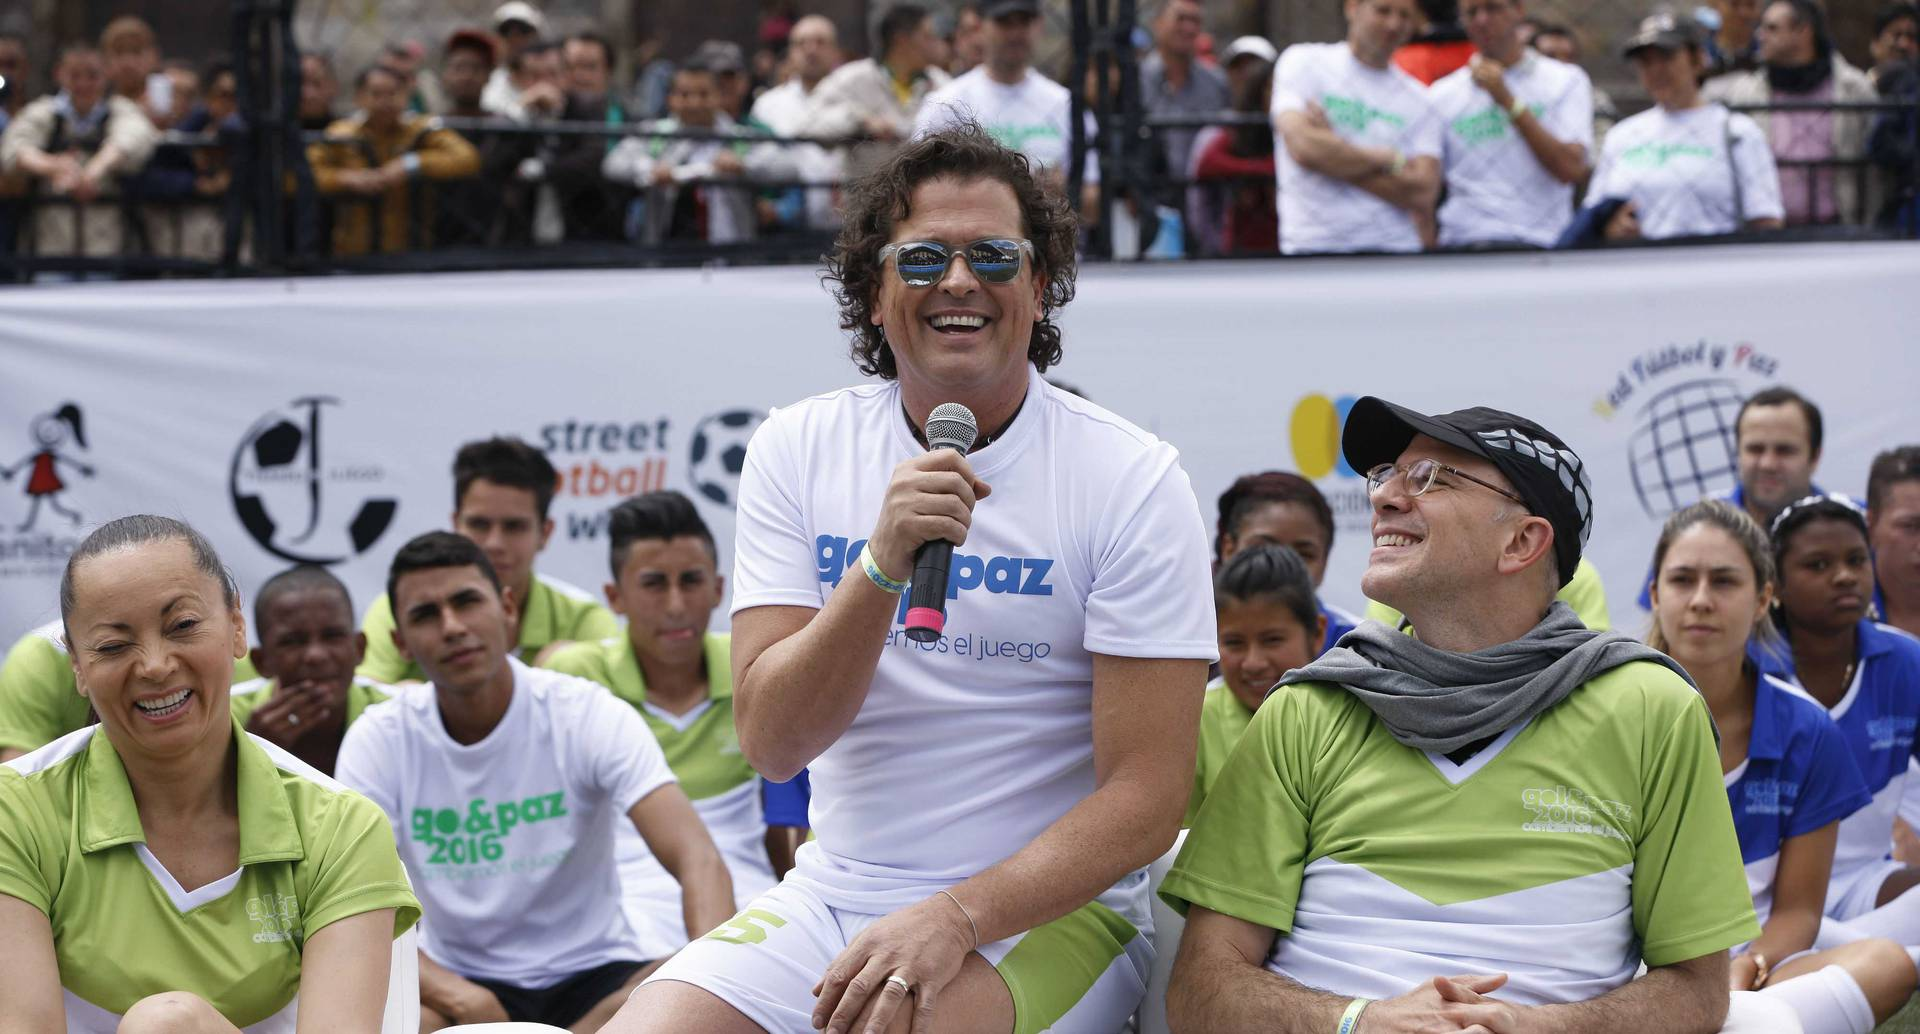 Fotos: León Dario Peláez/ SEMANA.